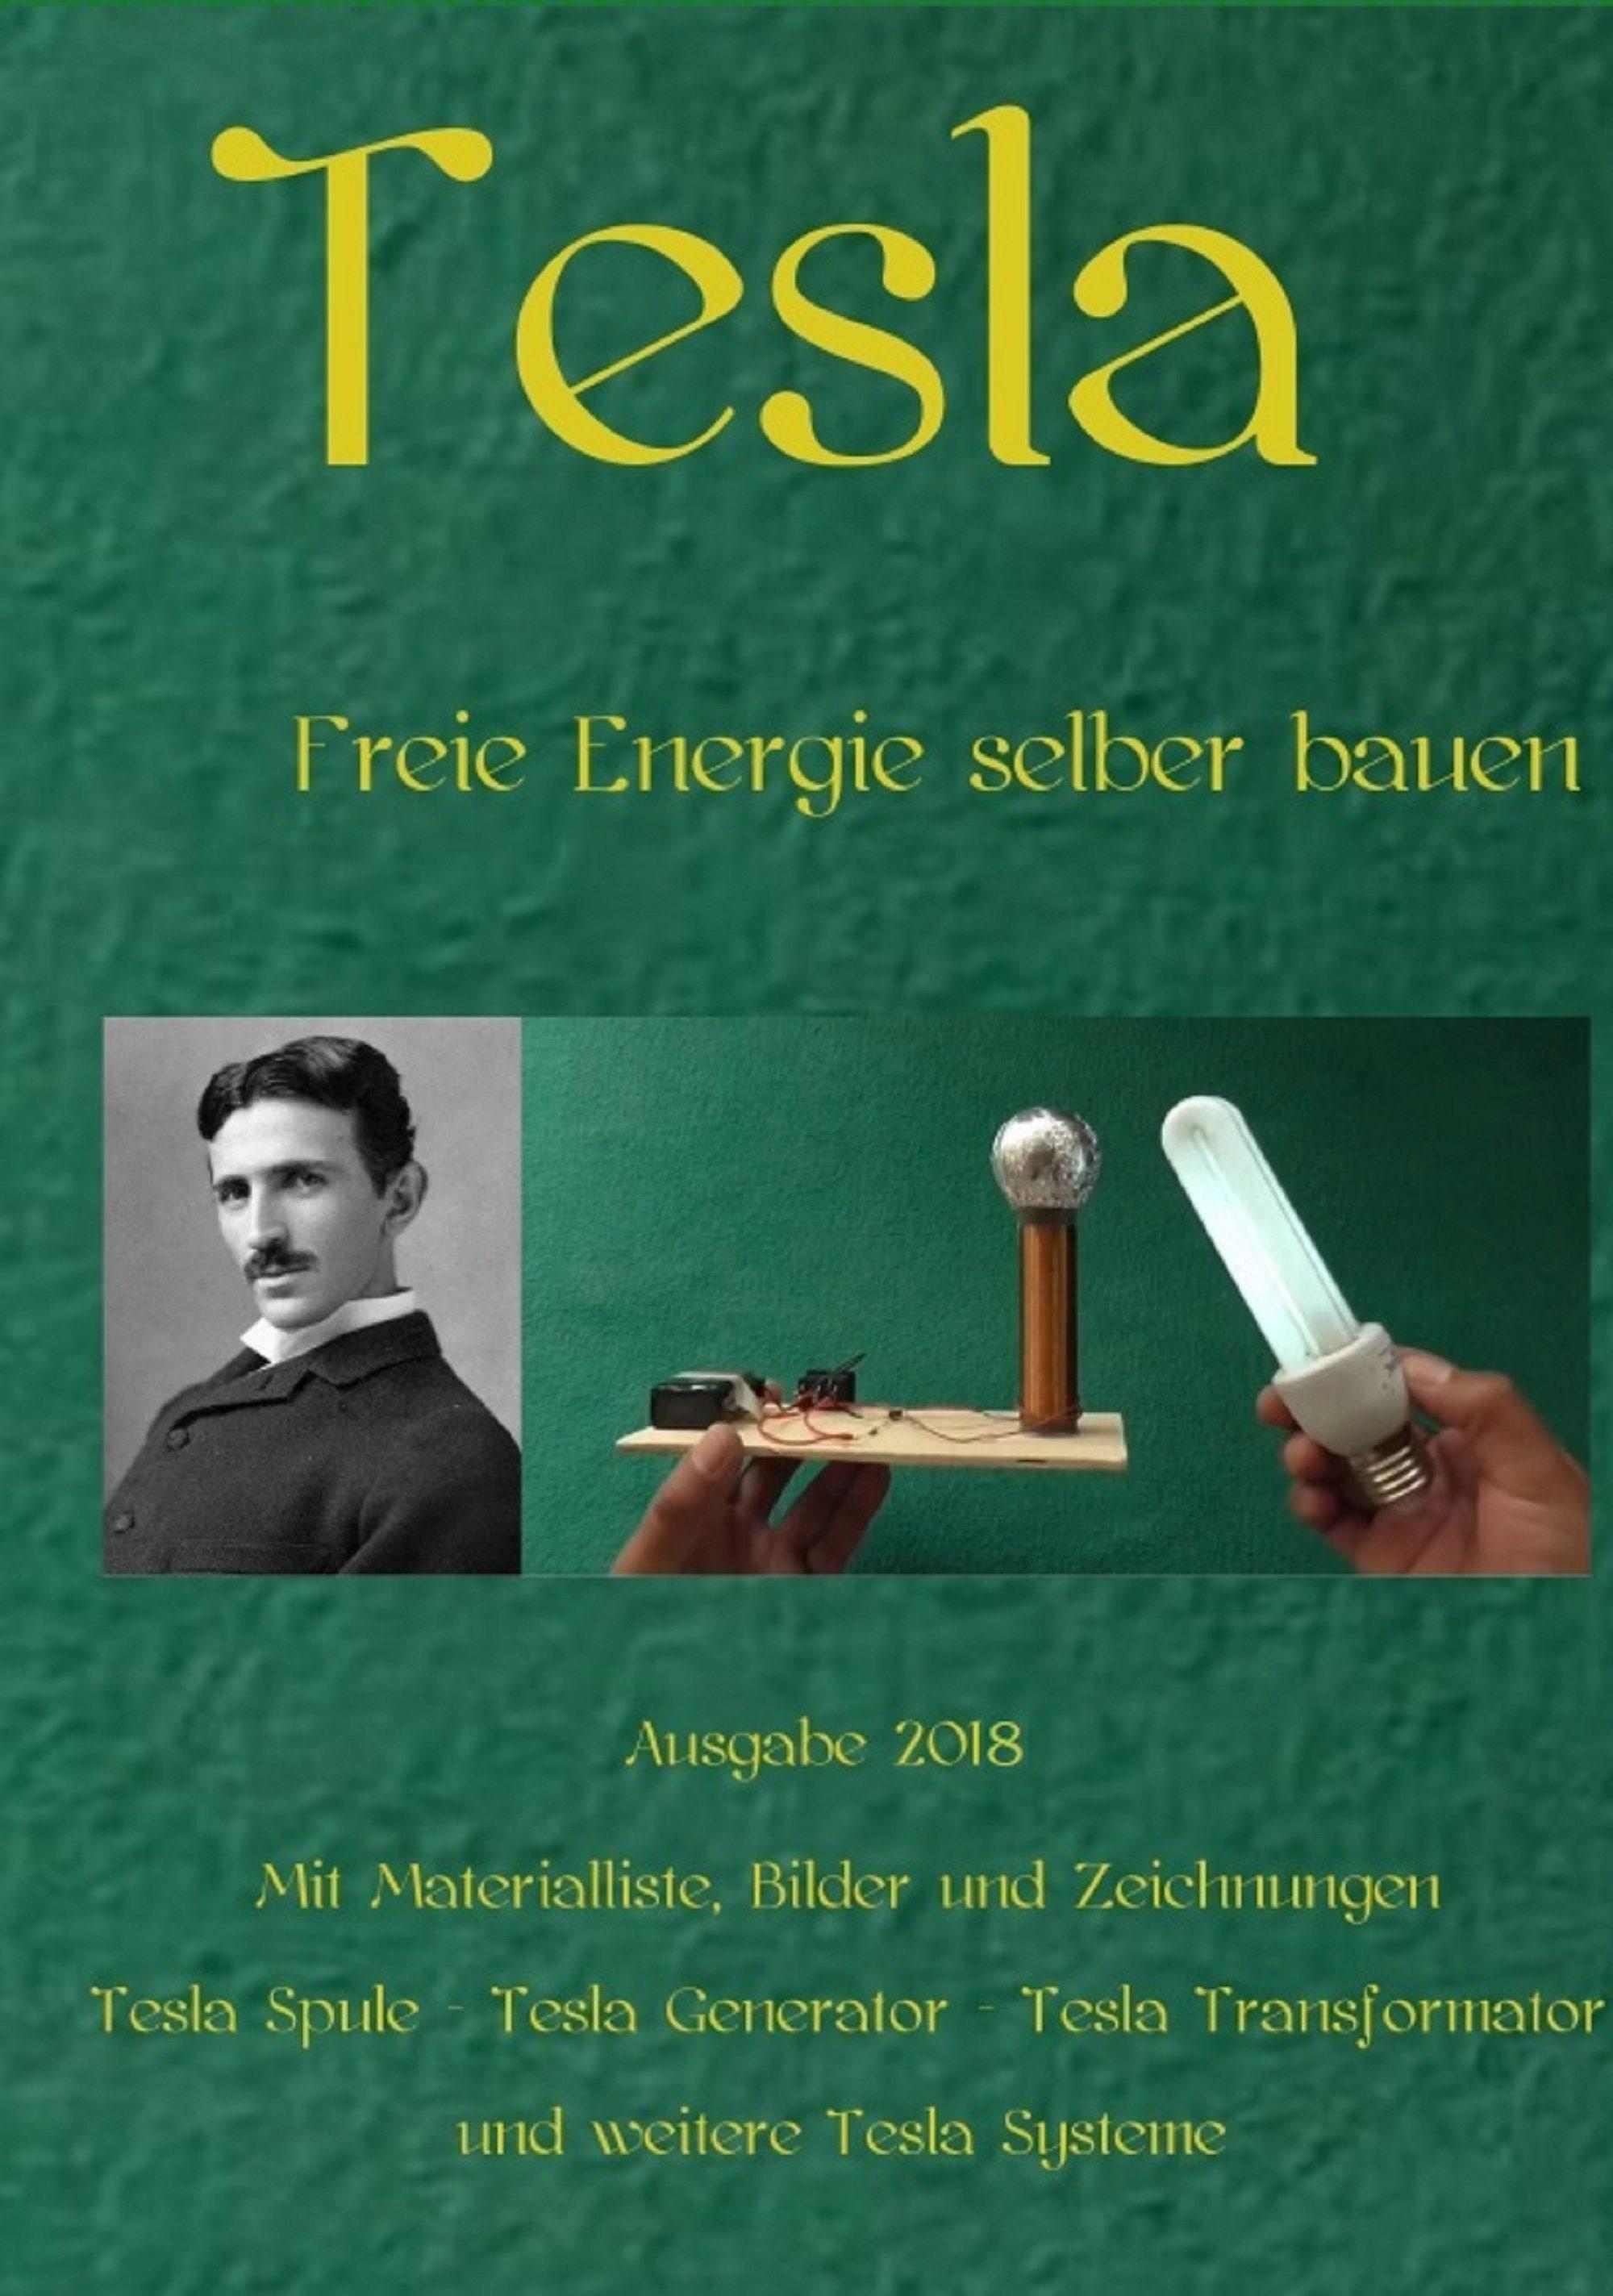 Freie generator bauanleitung energie pdf tesla Freie Energie